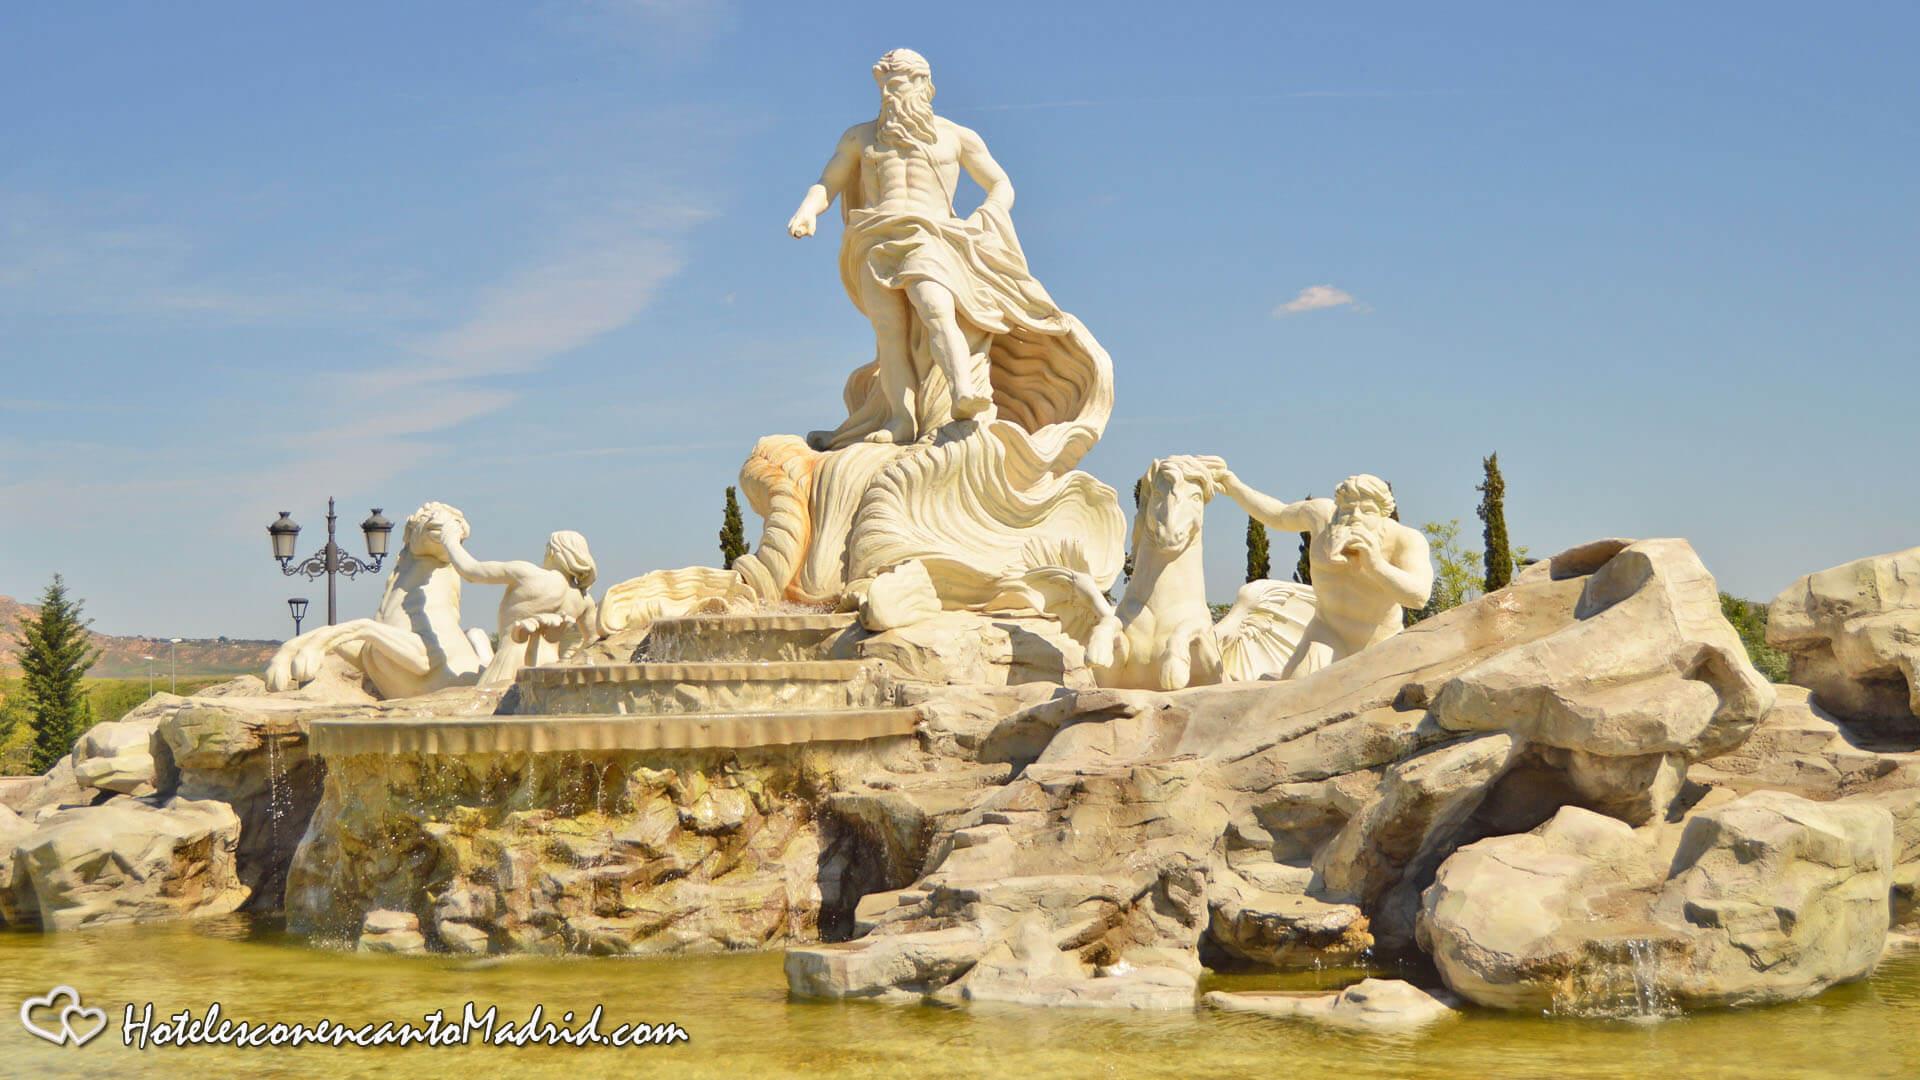 Parque Europa Madrid - Fontana di Trevi